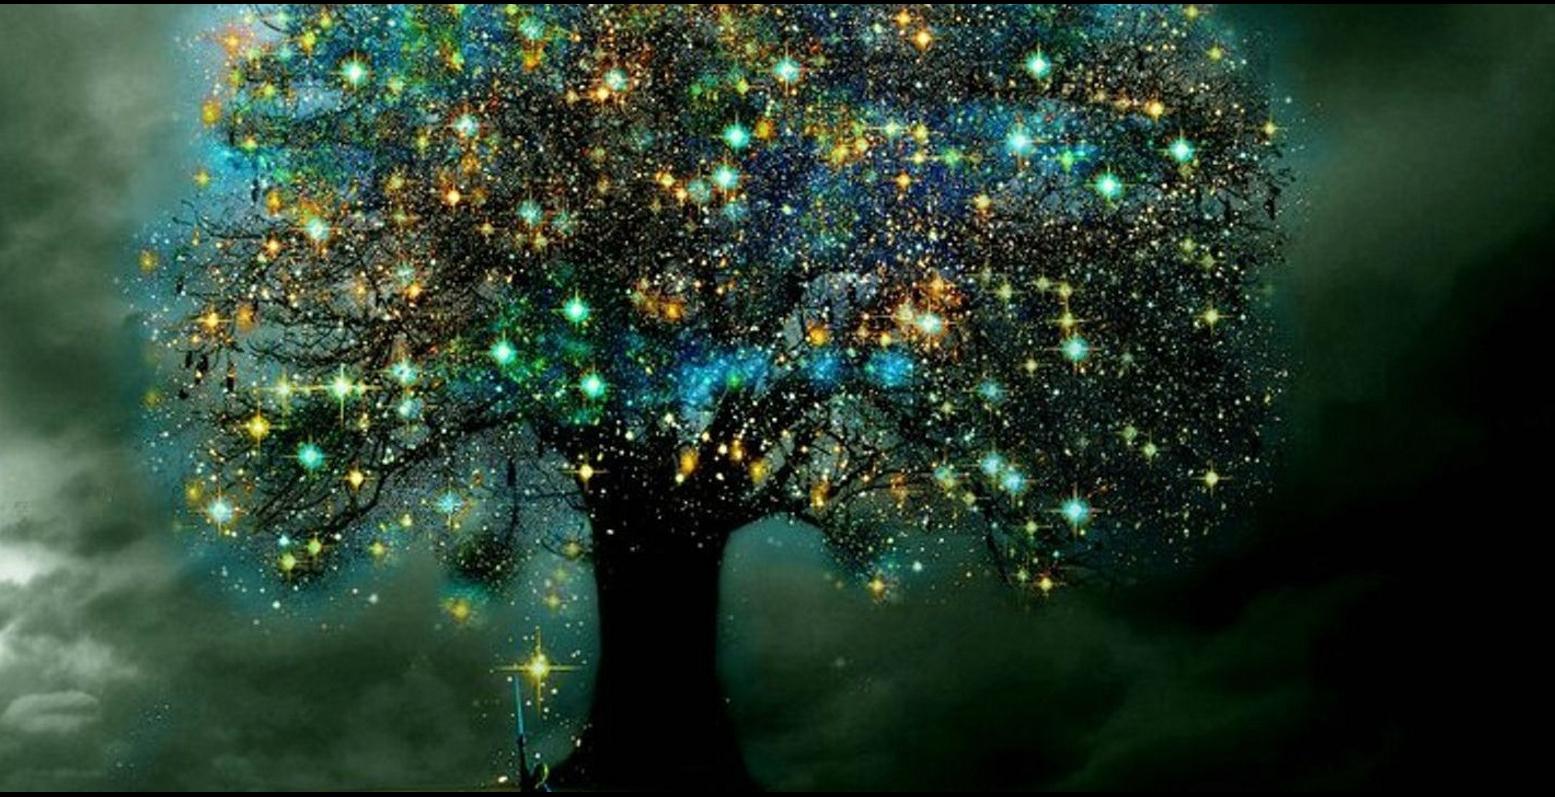 фото дерево жизни вселенная телу